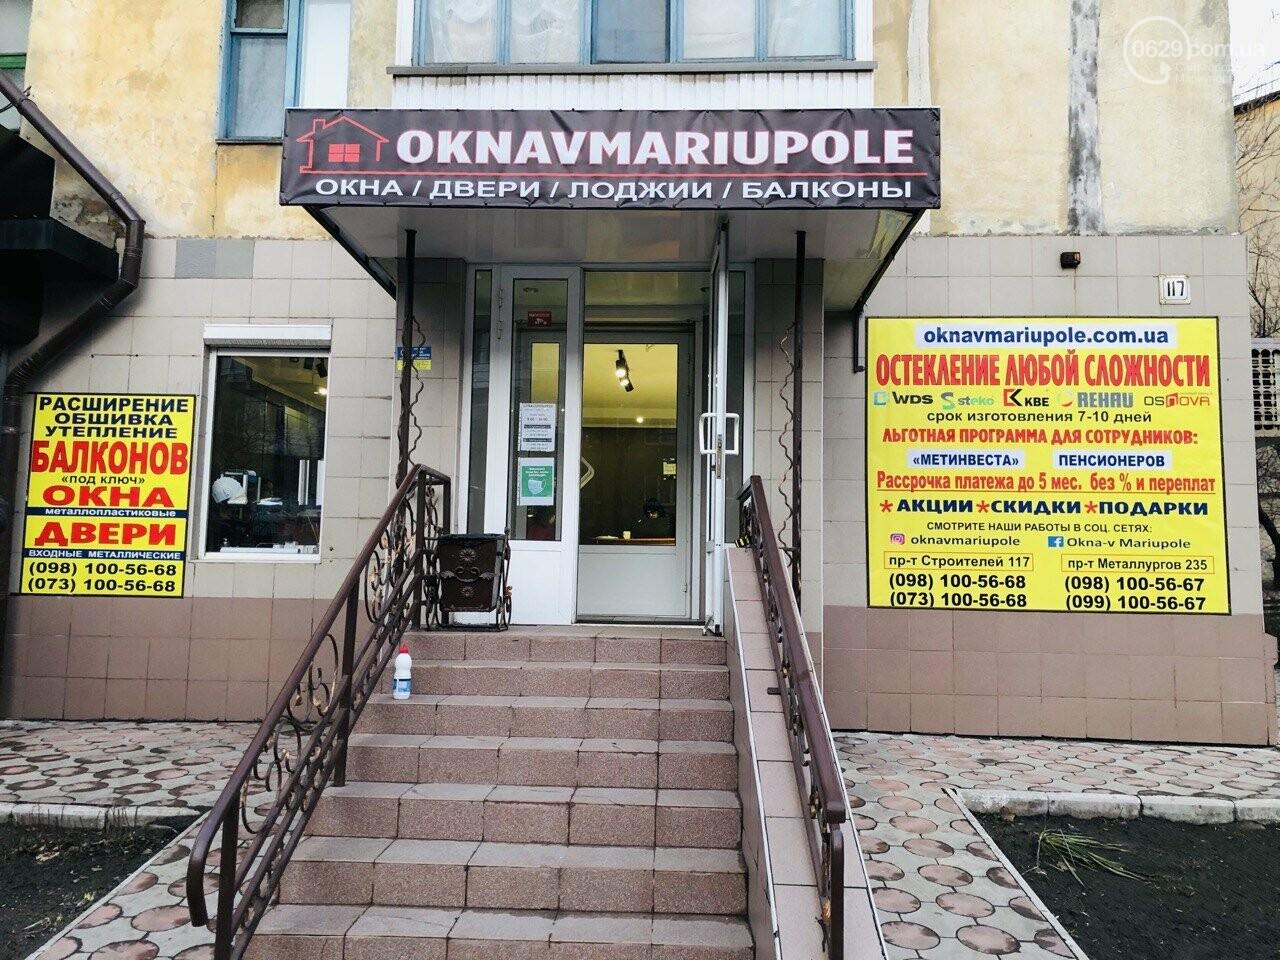 В Мариуполе и области с 8 по 18 июня действует льготная компенсация до -21% по программе  «ТЕПЛЫЙ ДОМ», фото-1